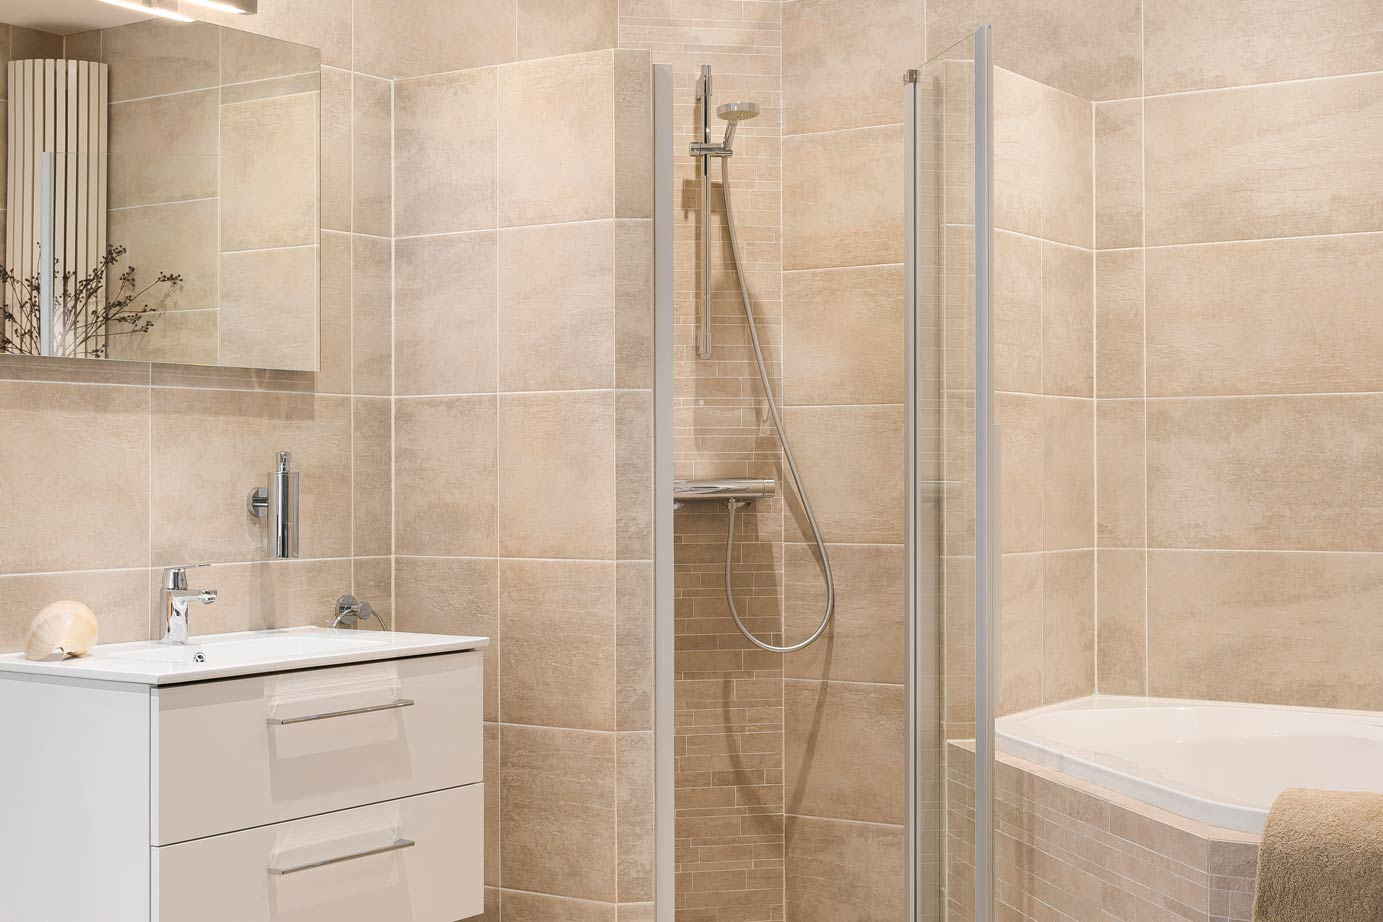 Badkamer En Tegels : Tegels kopen hoogste kwaliteit scherpe prijs avanti